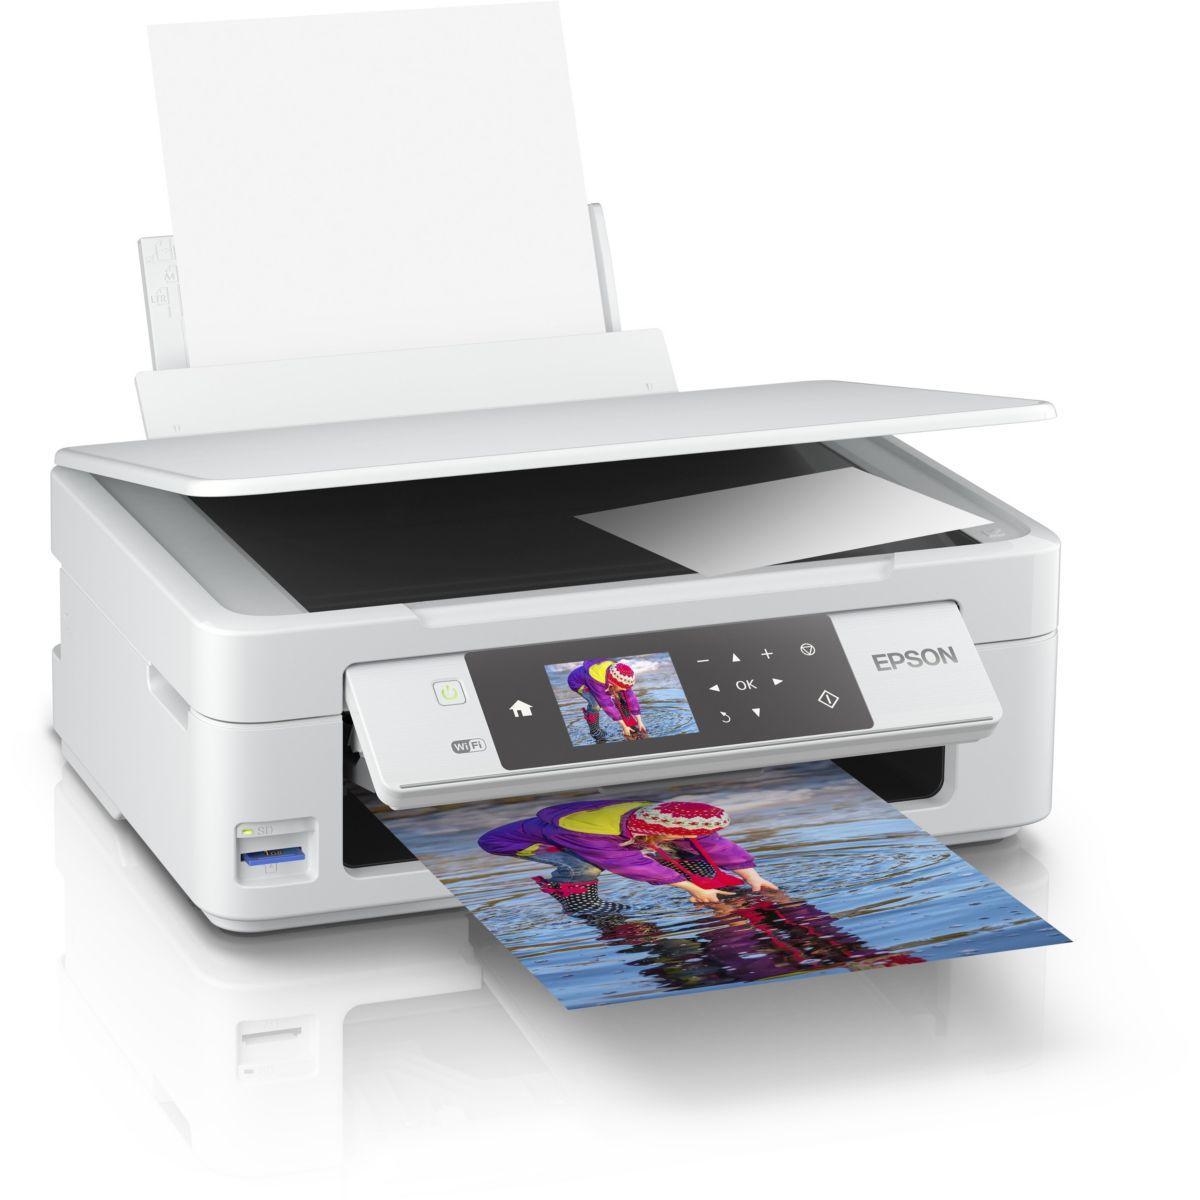 Imprimante jet d'encre epson xp 455 (photo)